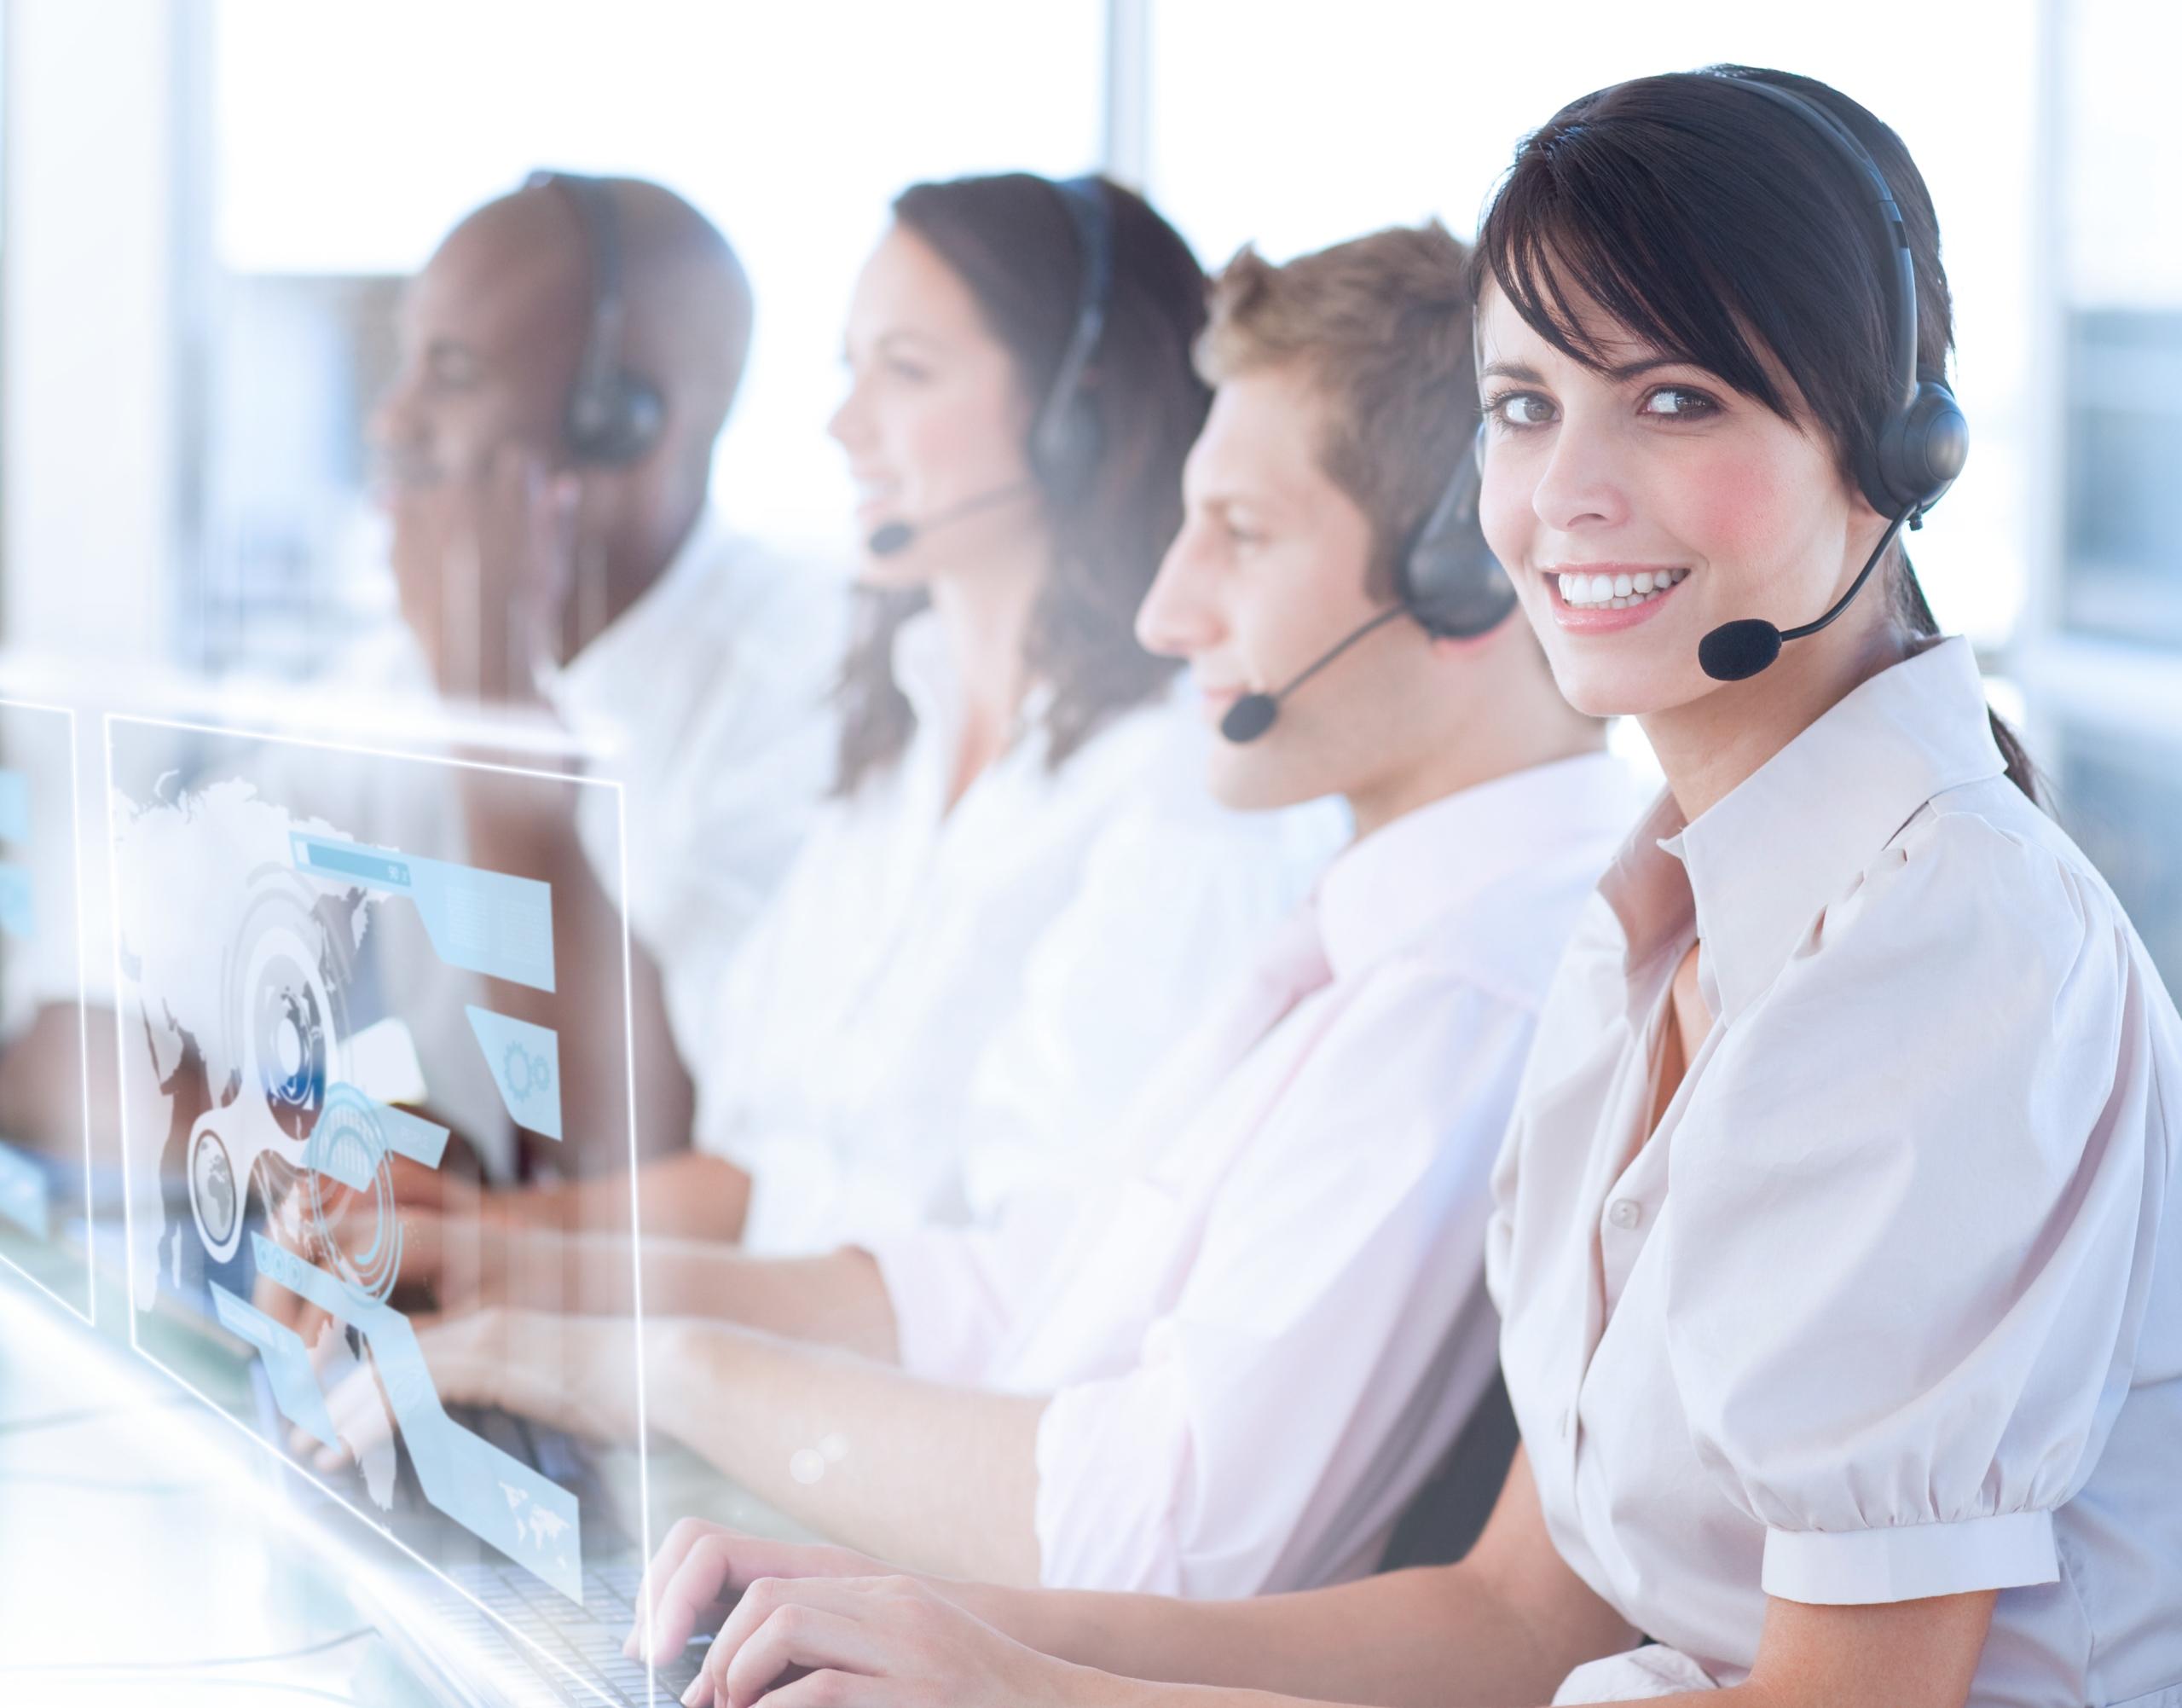 call-center-gal-Copy